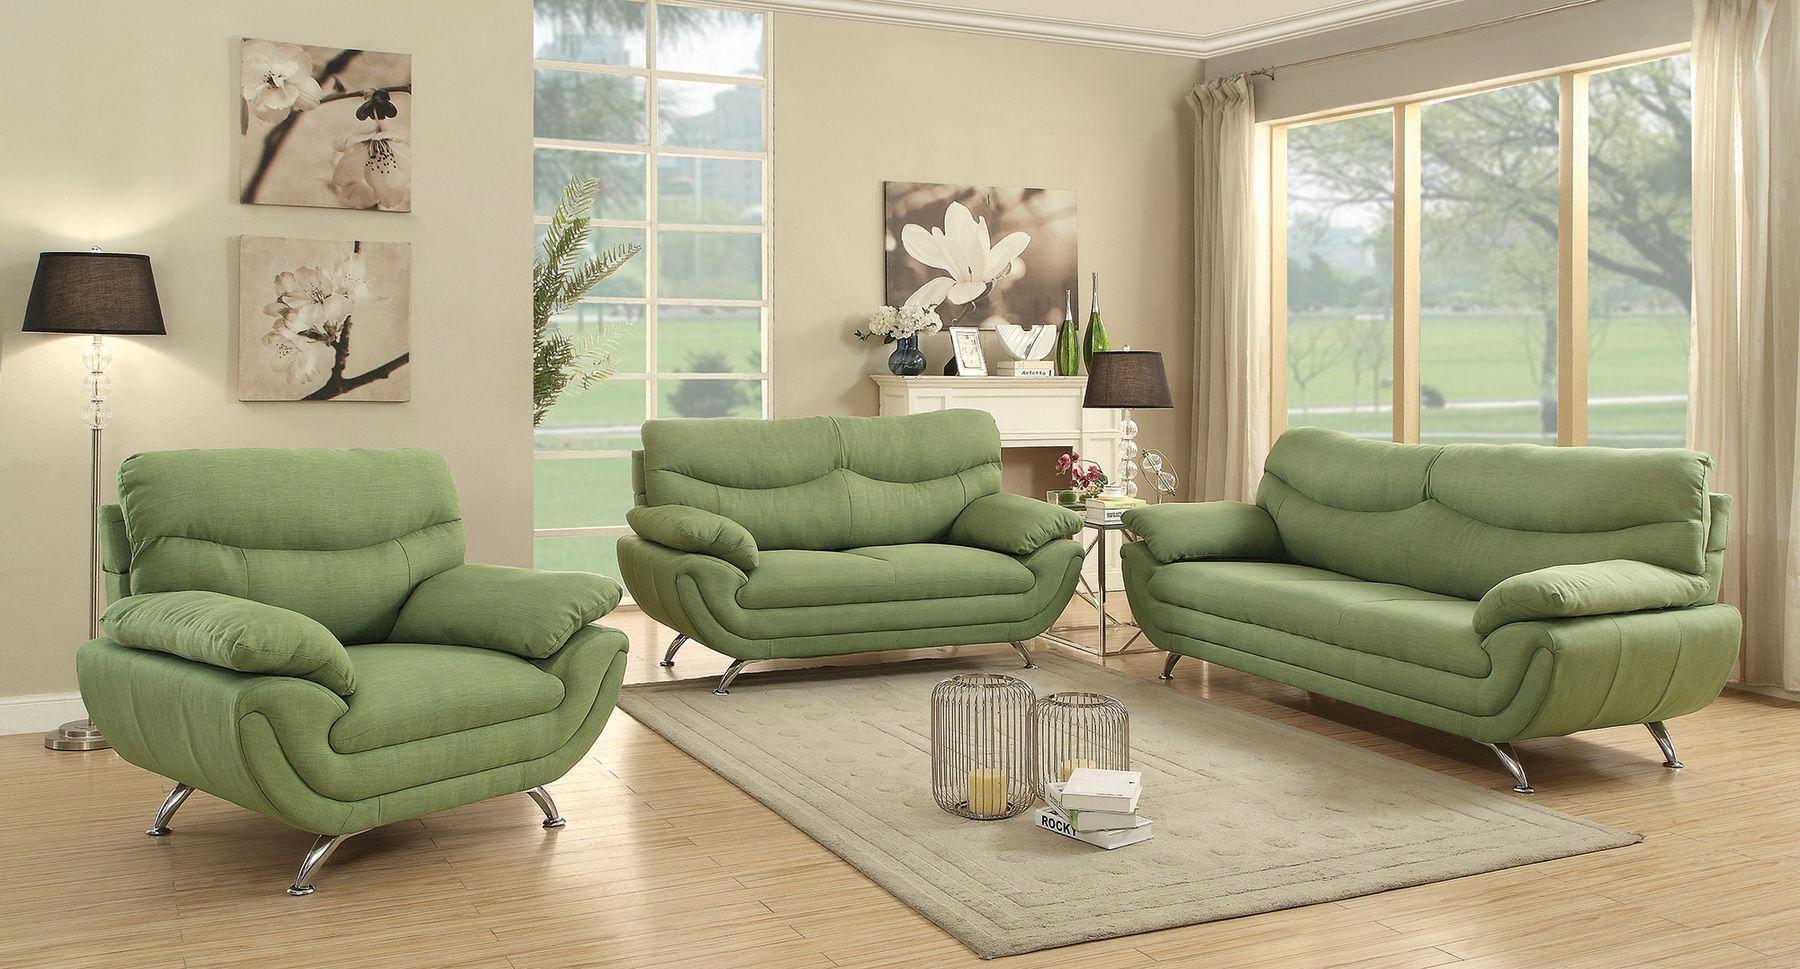 gl438 sofa g438 glory furniture fabric sofas at comfyco com rh pinterest com